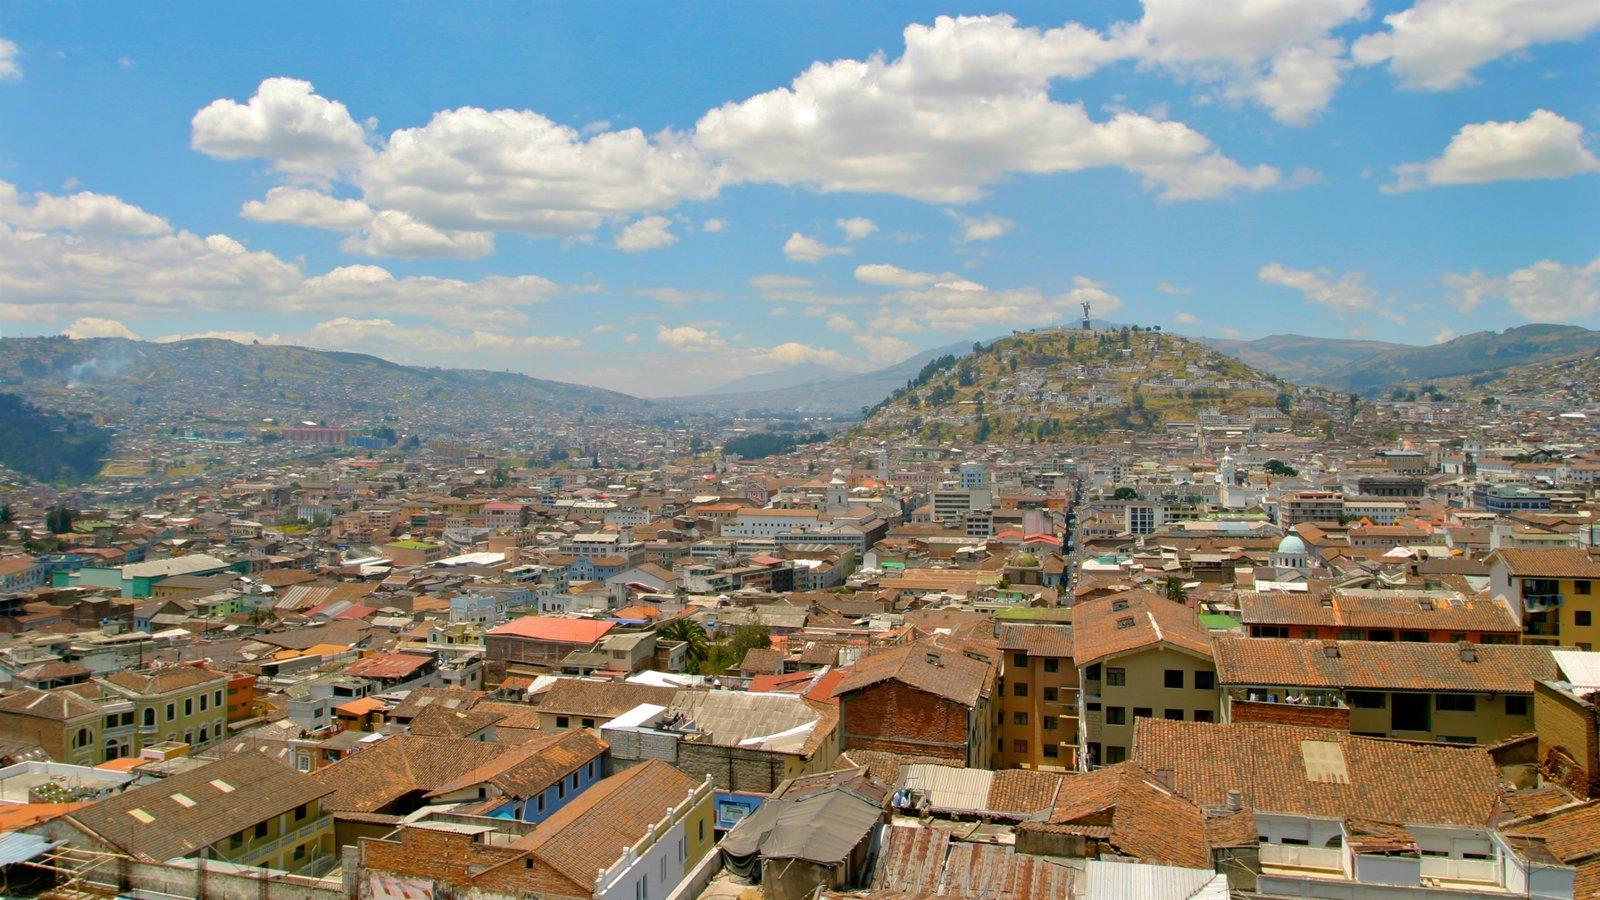 Quito mostrando paisagem e uma cidade